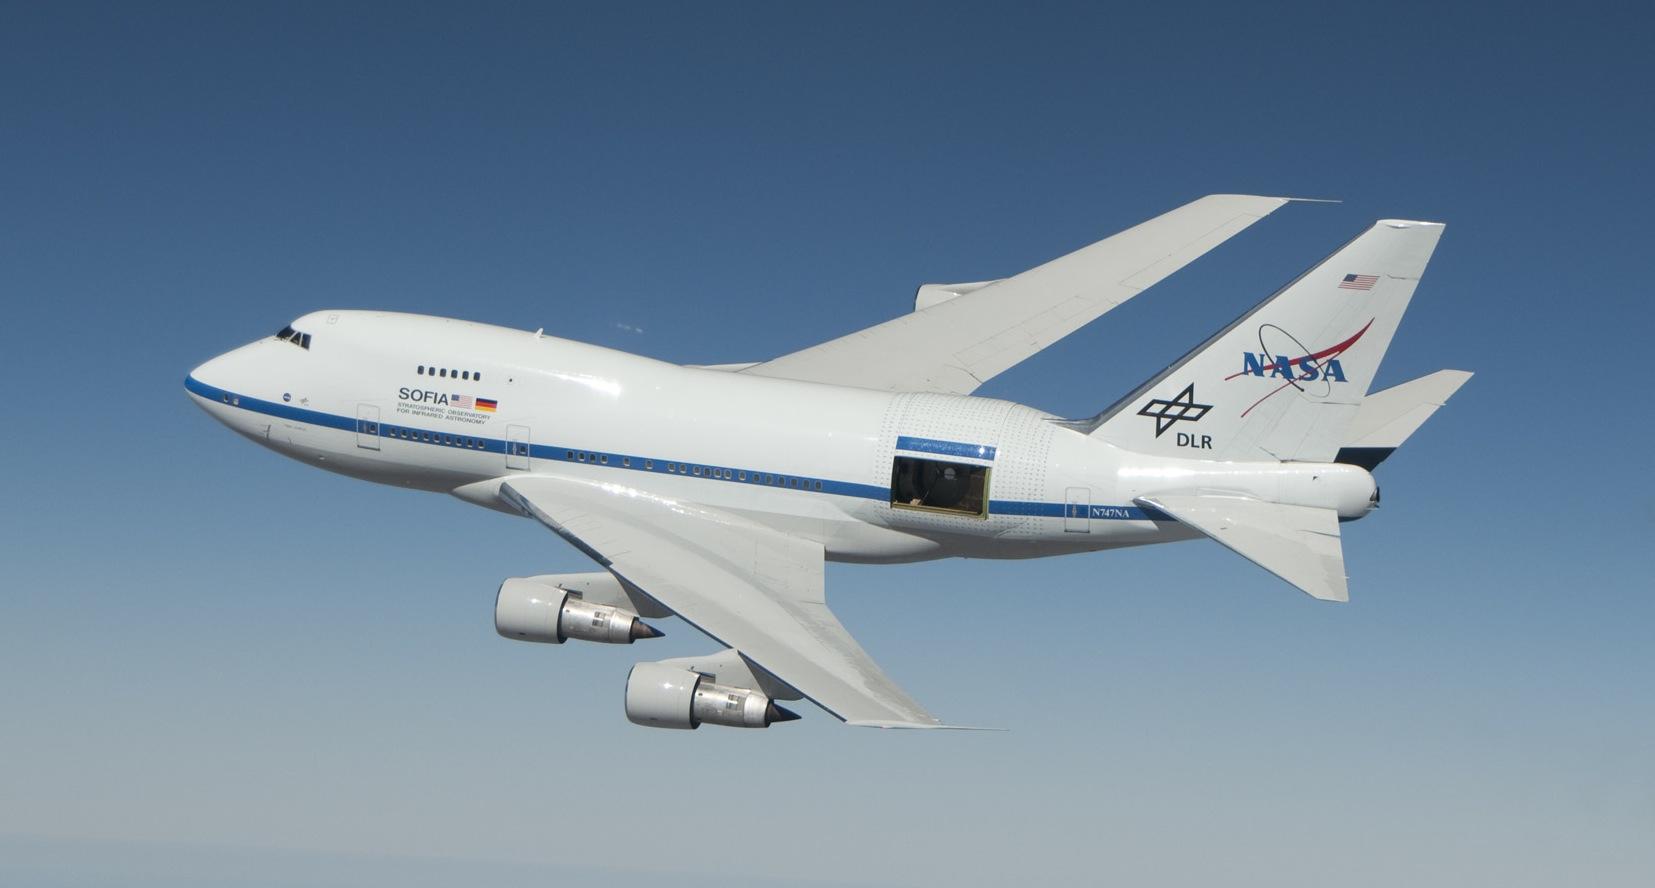 Стратосферный телескоп NASA SOFIA (Stratospheric Observatory for Infrared Astronomy) на борту модифицированного Boeing-747SP.<br><br>Диаметр зеркала: 2,5 м;<br>Высота полёта до: 14 км (45,000 feet);<br>Первый полёт: 2010г.